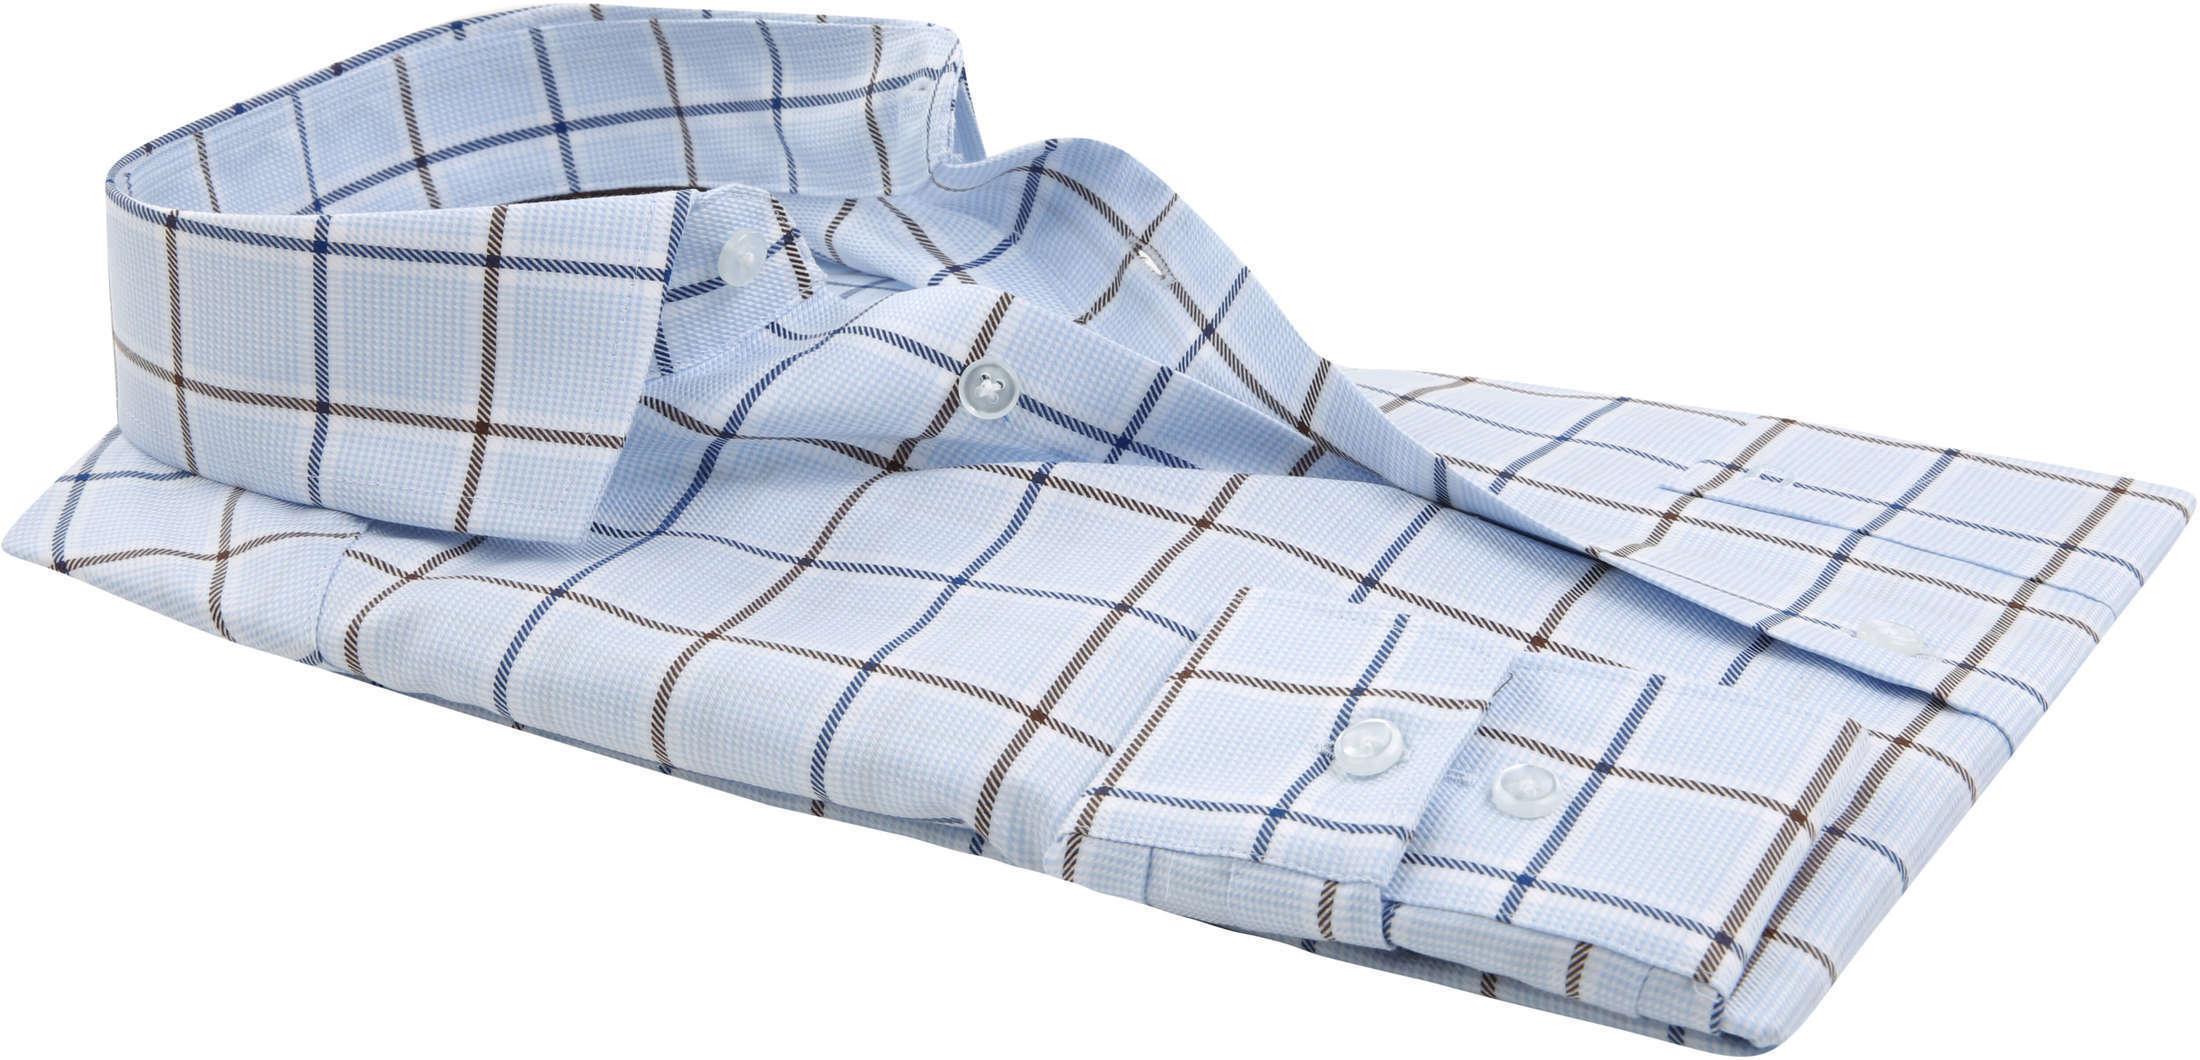 OLYMP Overhemd LuxorMF Ruit Lichtblauw foto 2